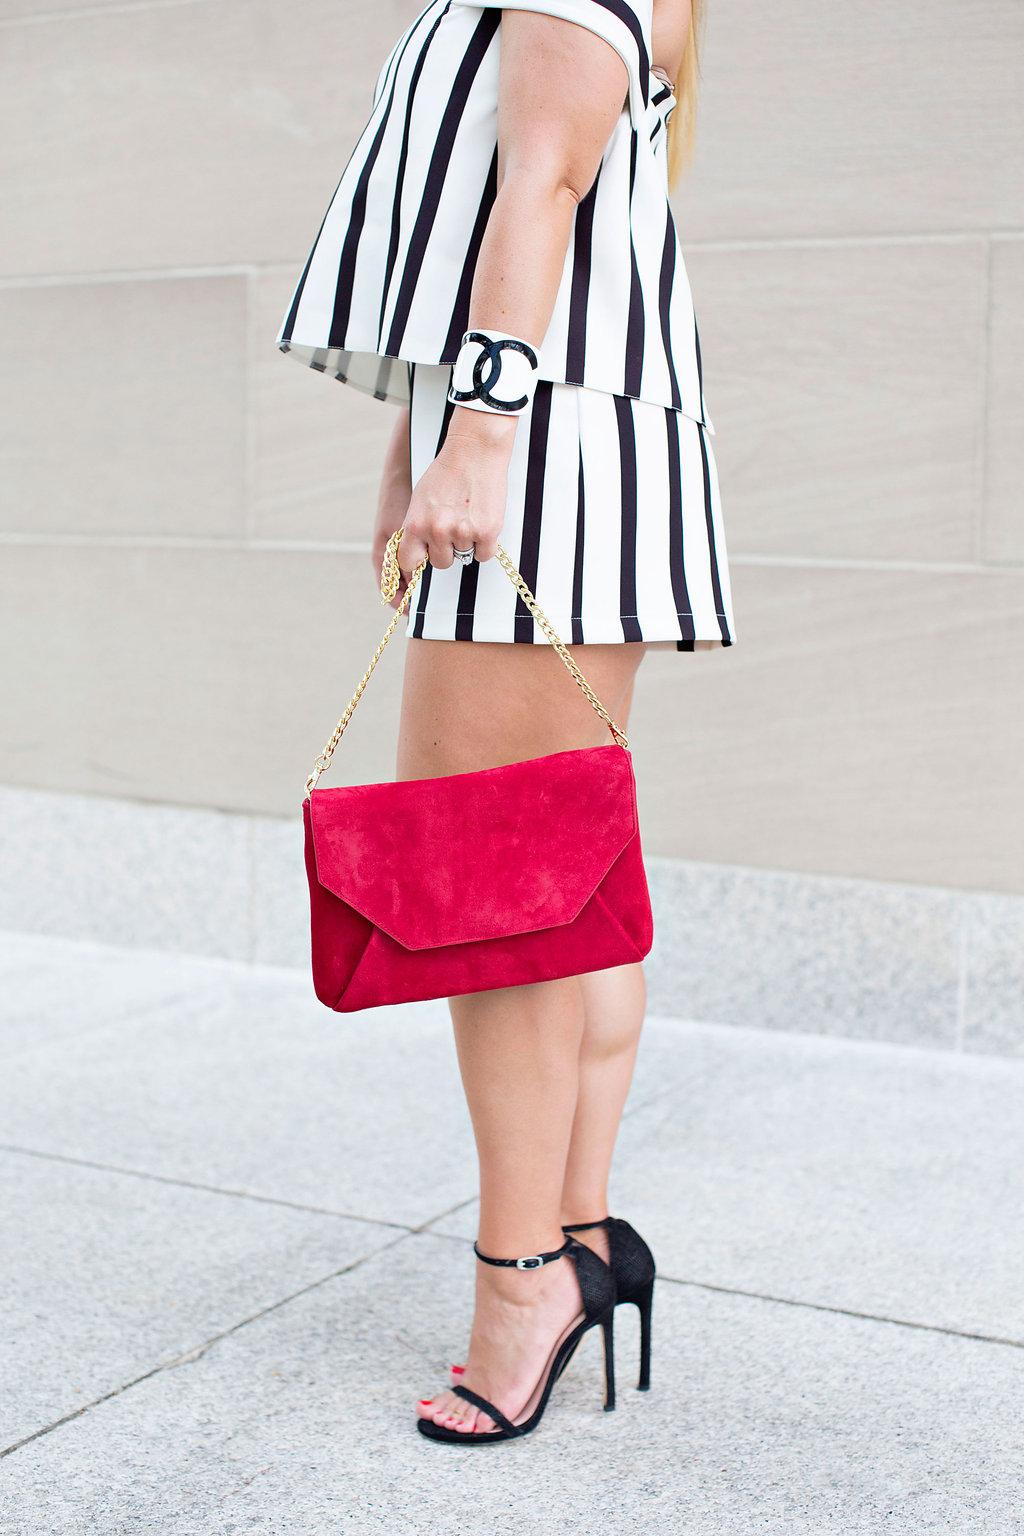 Red Purse - Dallas Fashion Blog